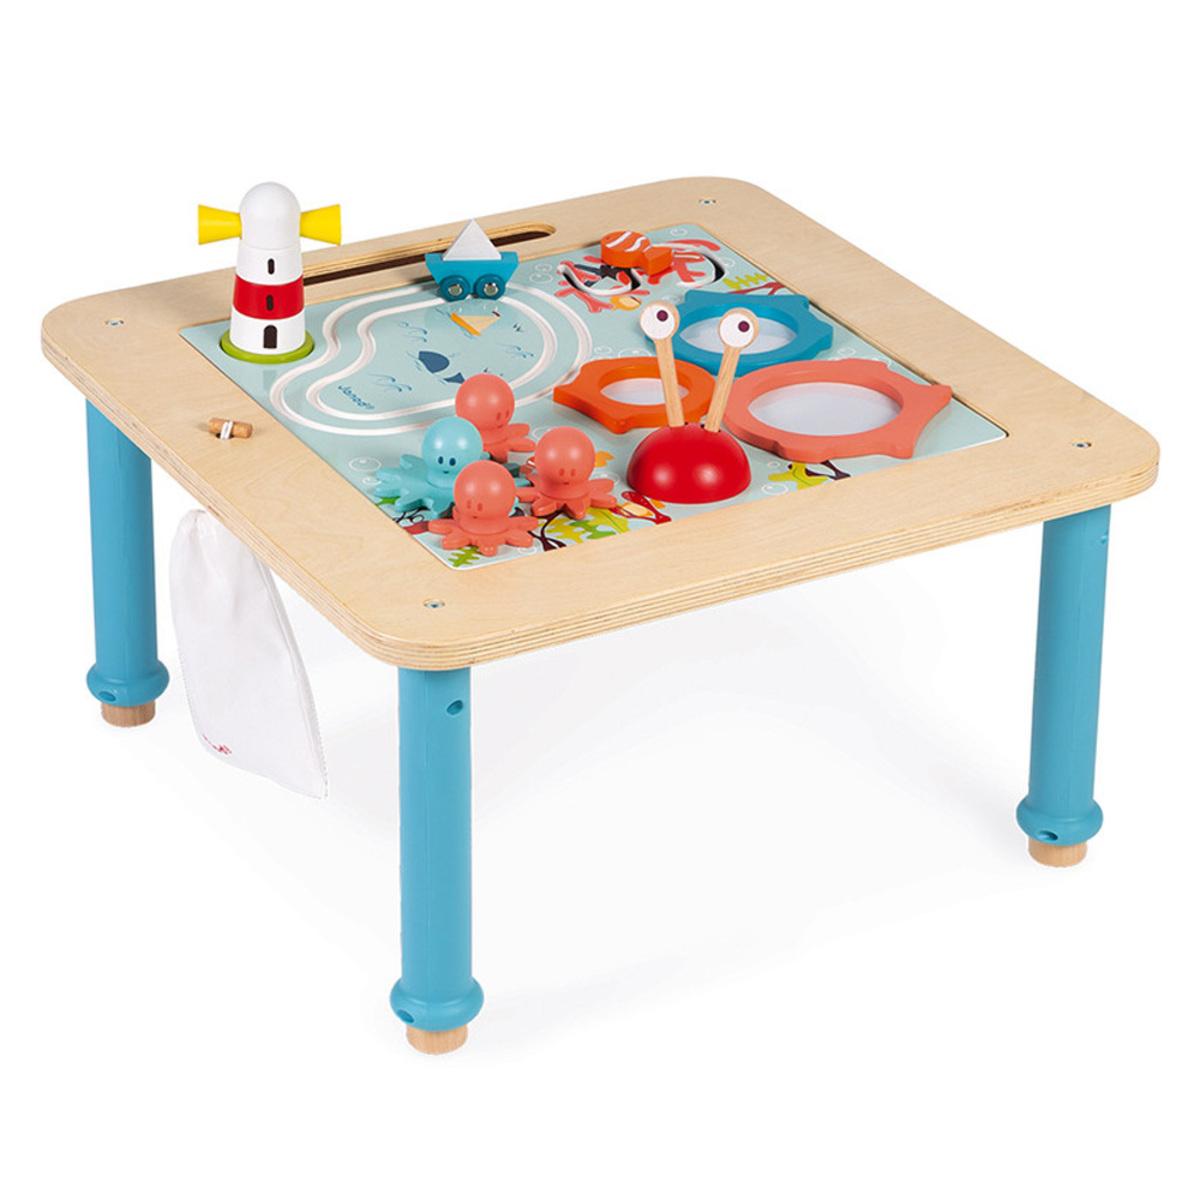 Mes premiers jouets Table d'Activités Evolutive Table d'Activités Evolutive